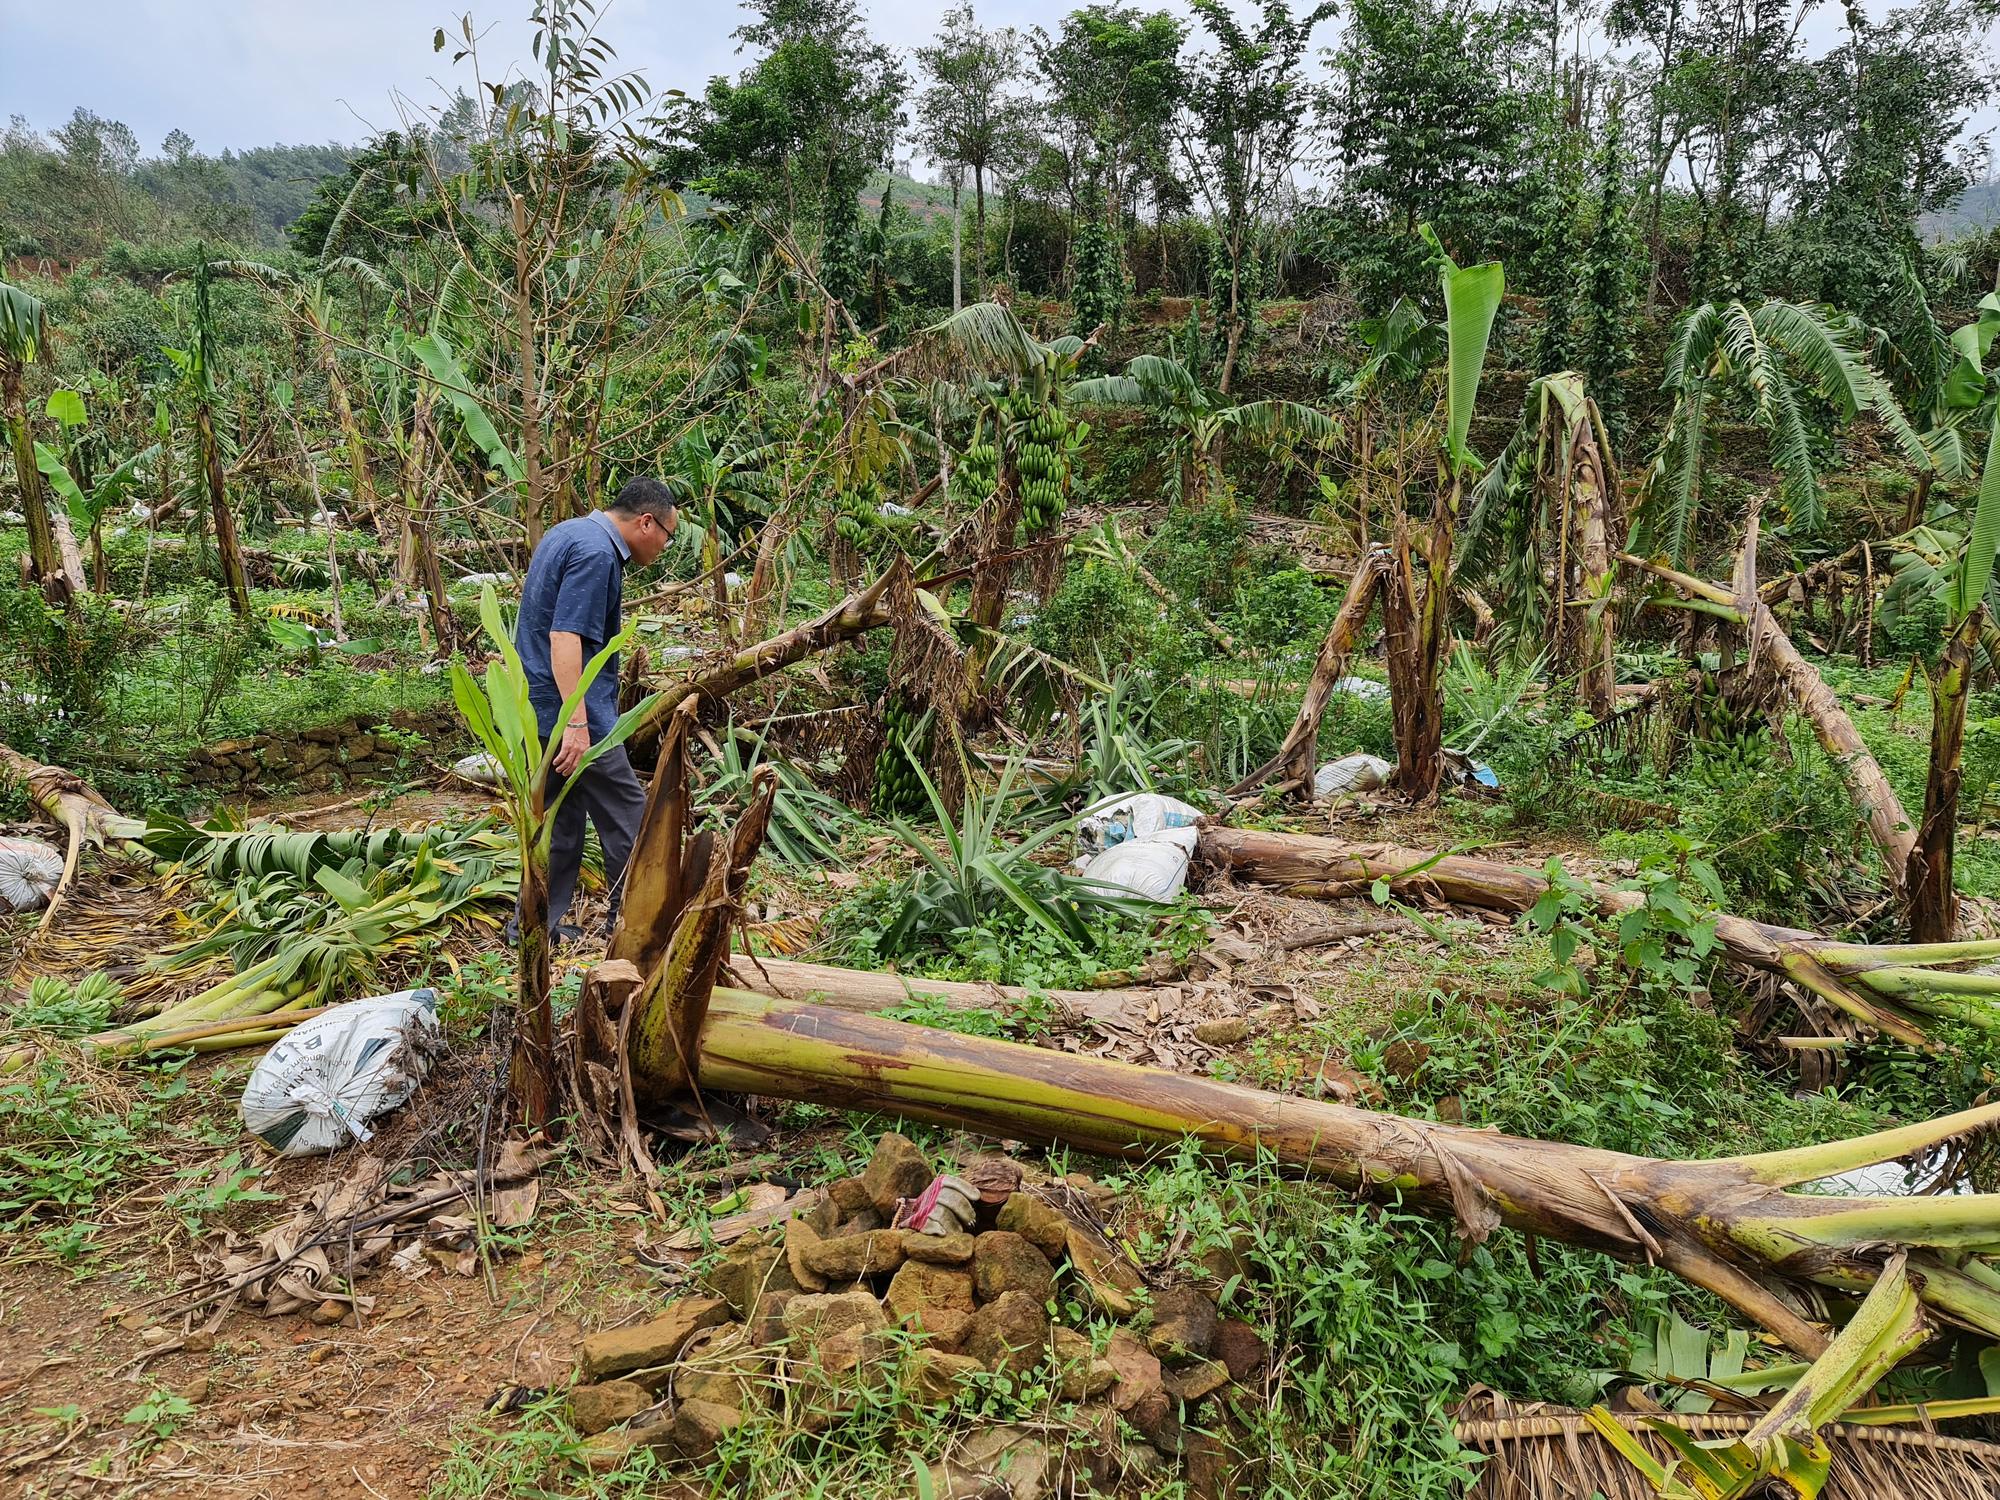 Phó Bí thư Quảng Nam: Đau xót khi nhìn nhà dân, cây ăn quả ngã đổ - Ảnh 11.